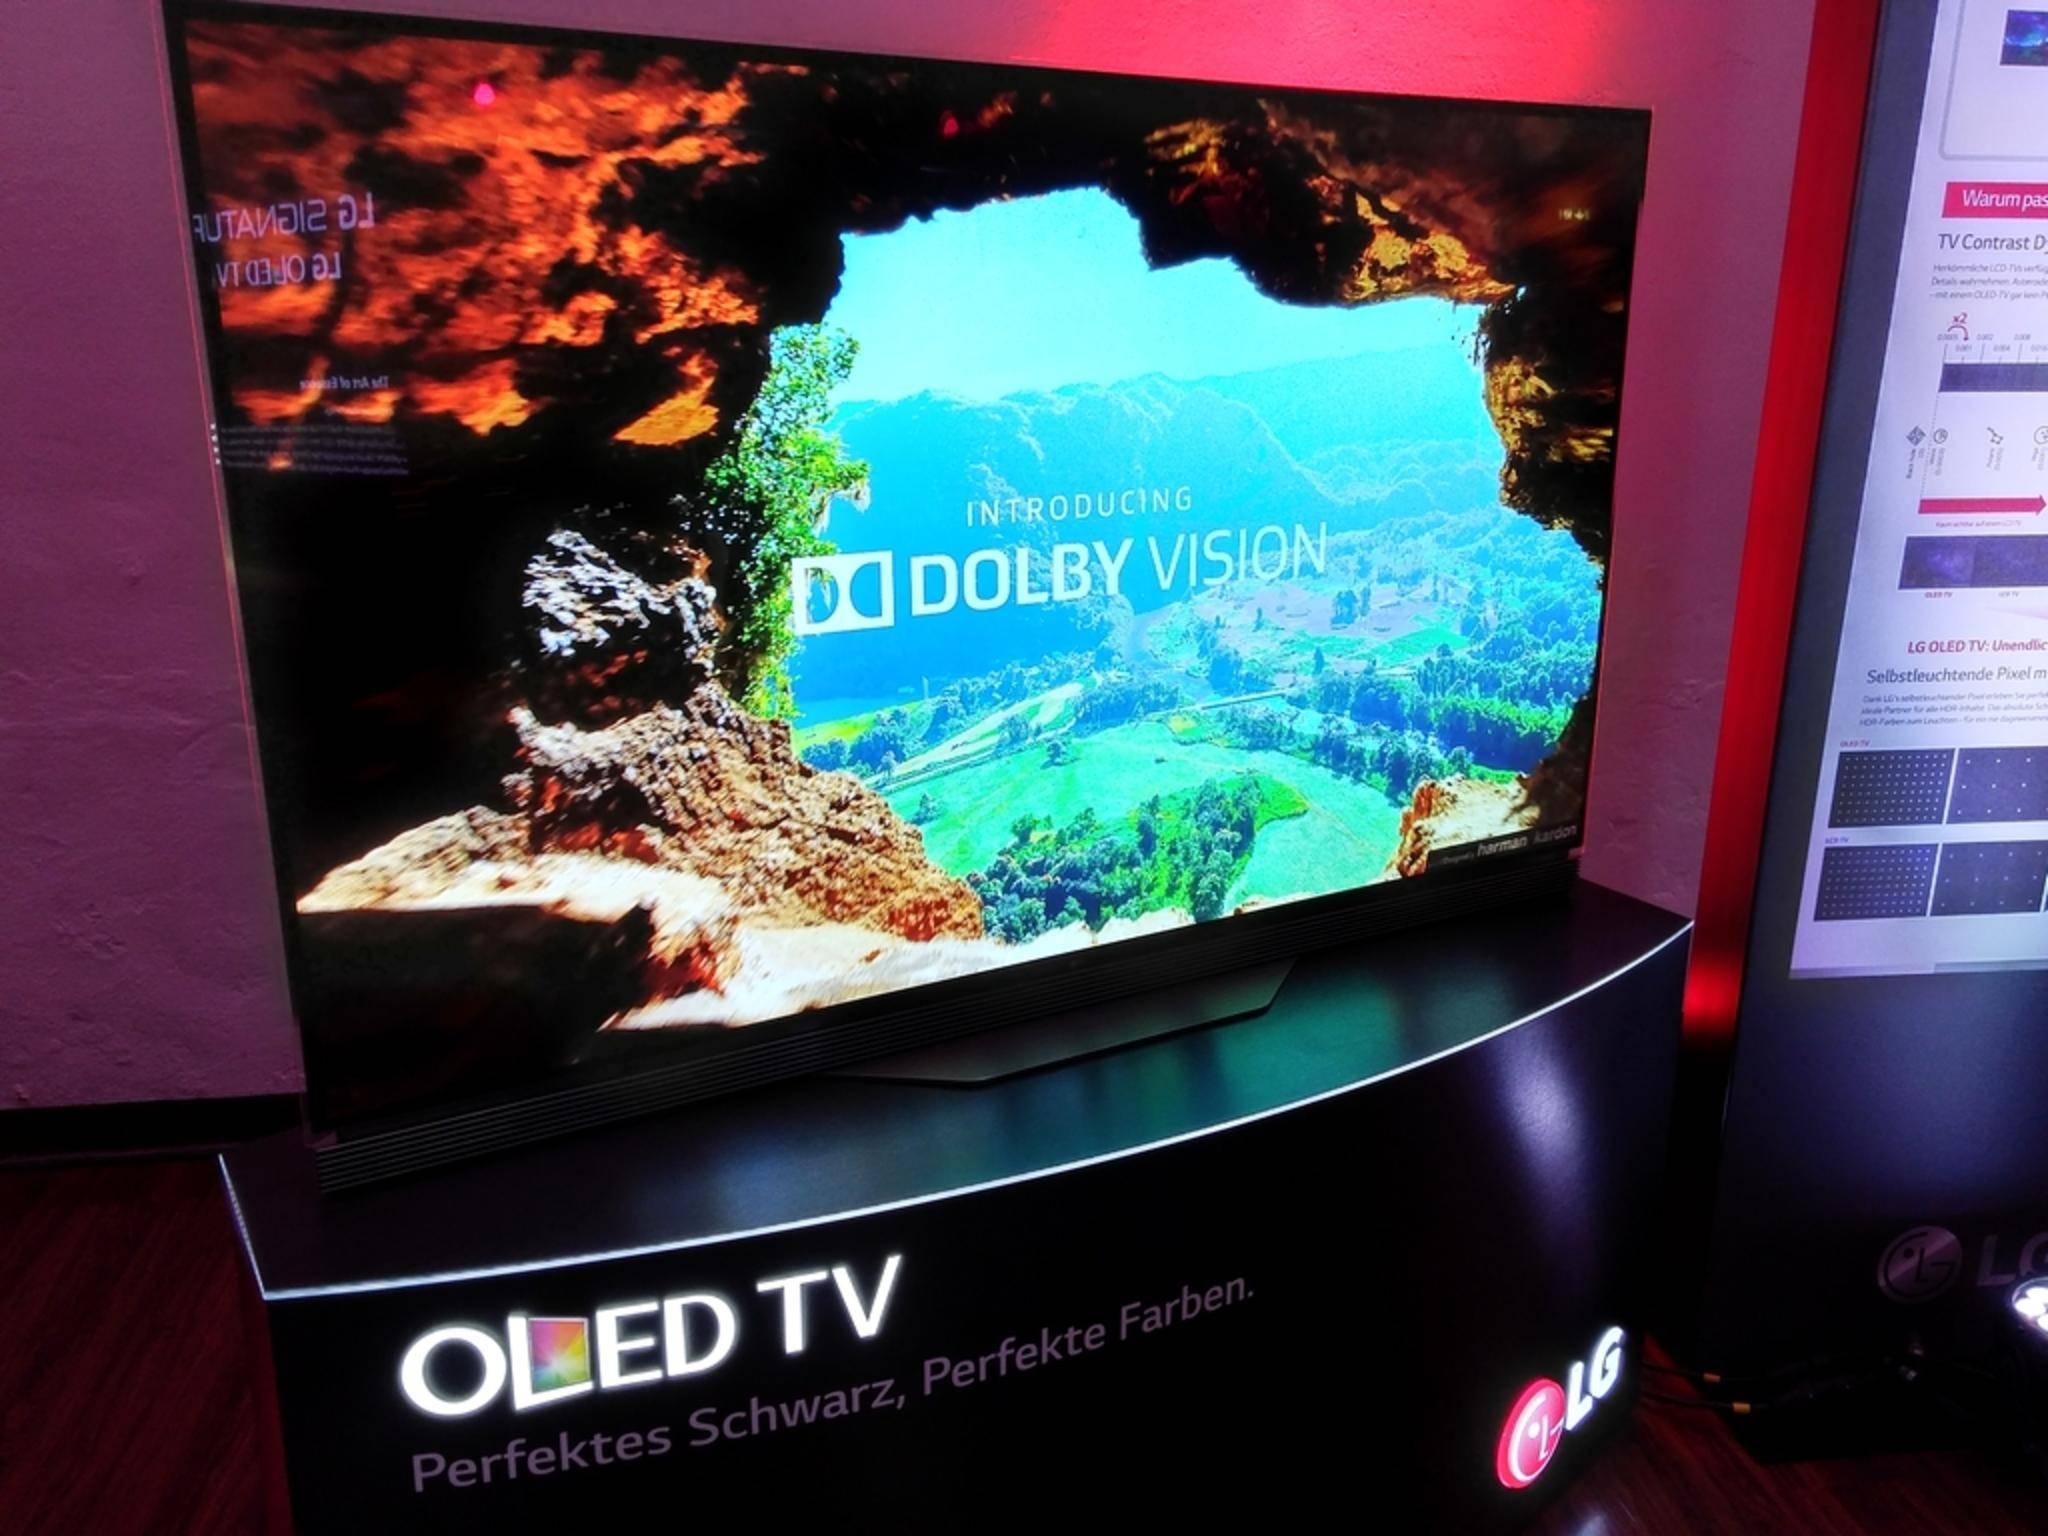 Der OLED65E gehört zu den neuen Signature-Geräten von LG.